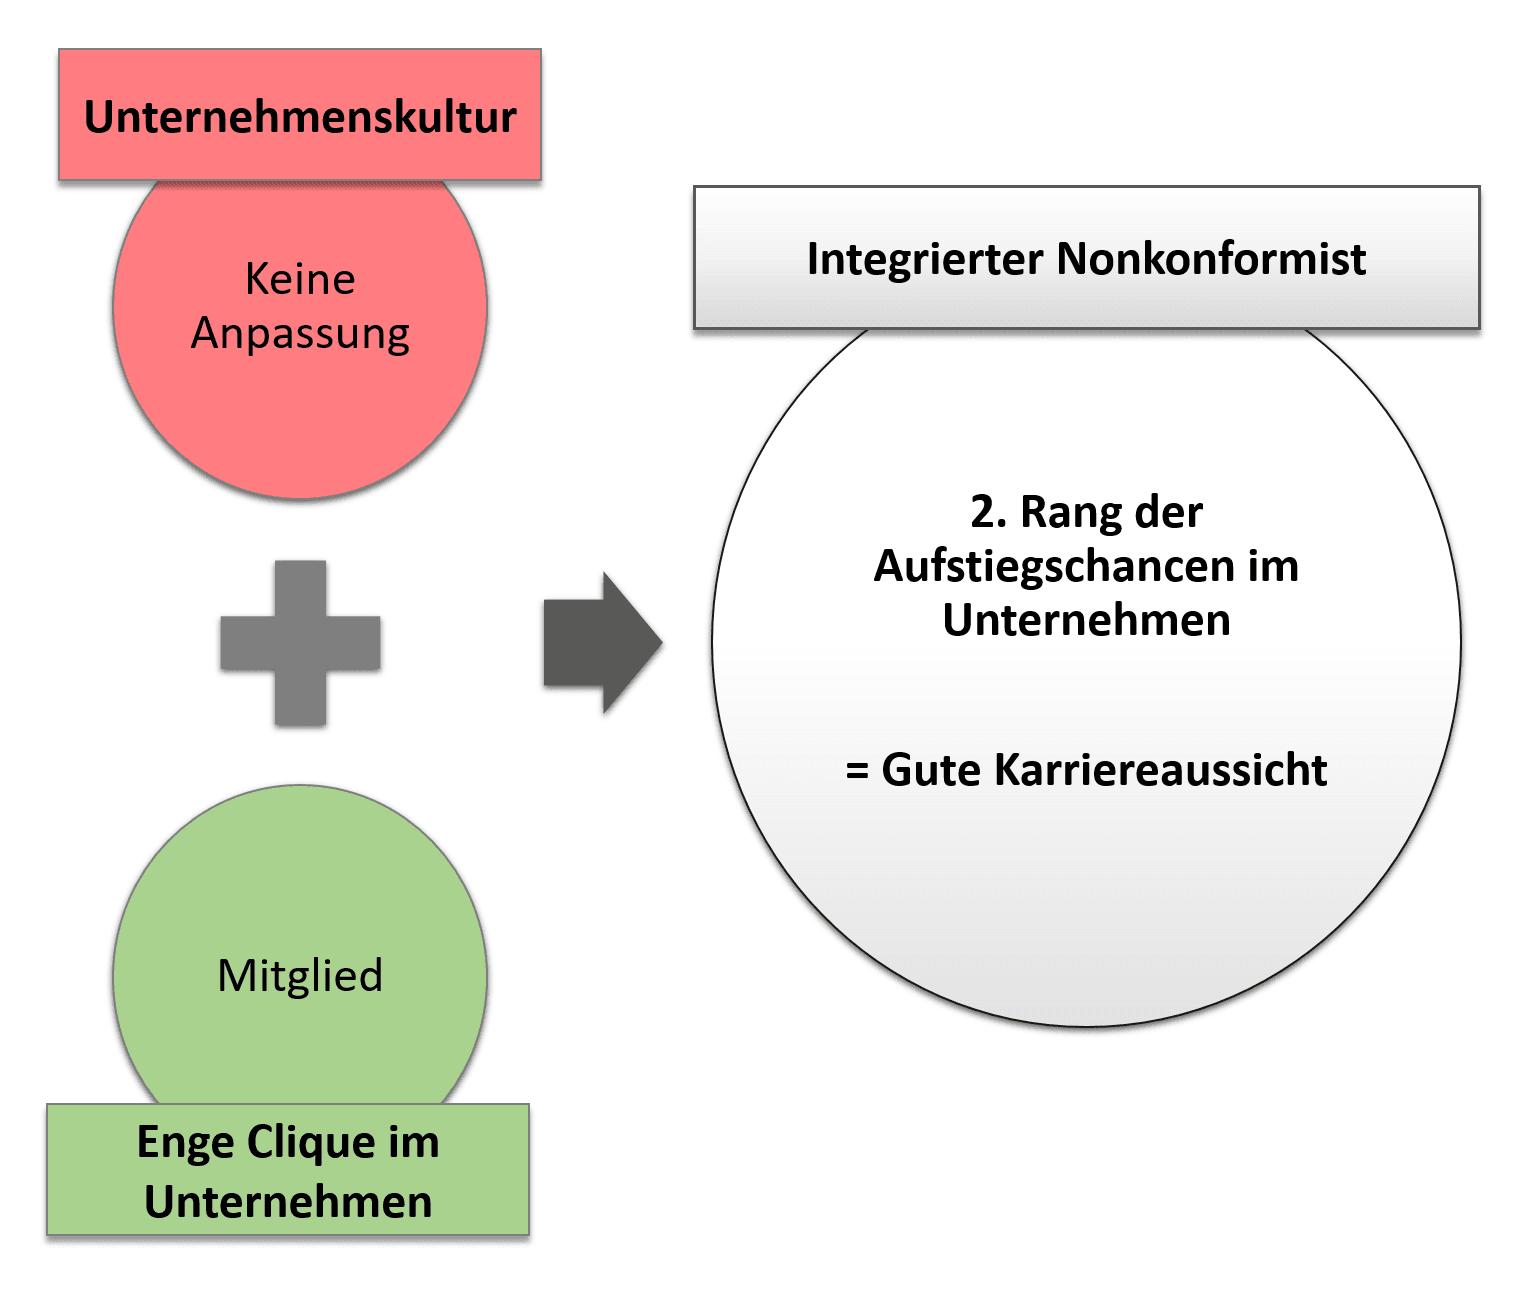 Integrierter Nonkonformist - Merkmale